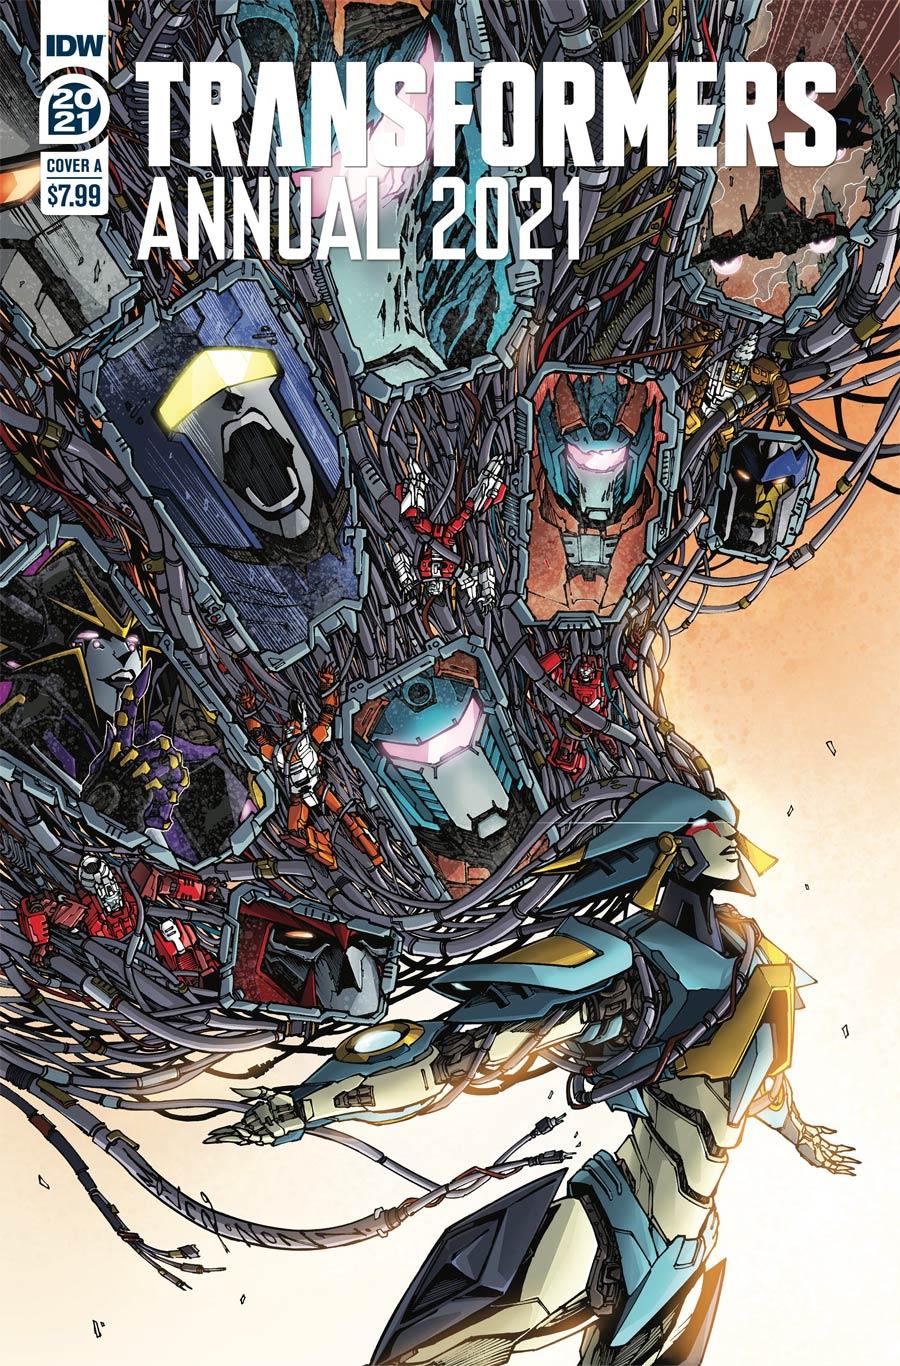 Transformers Vol 4 Annual 2021 Cover A Regular Alex Milne Cover